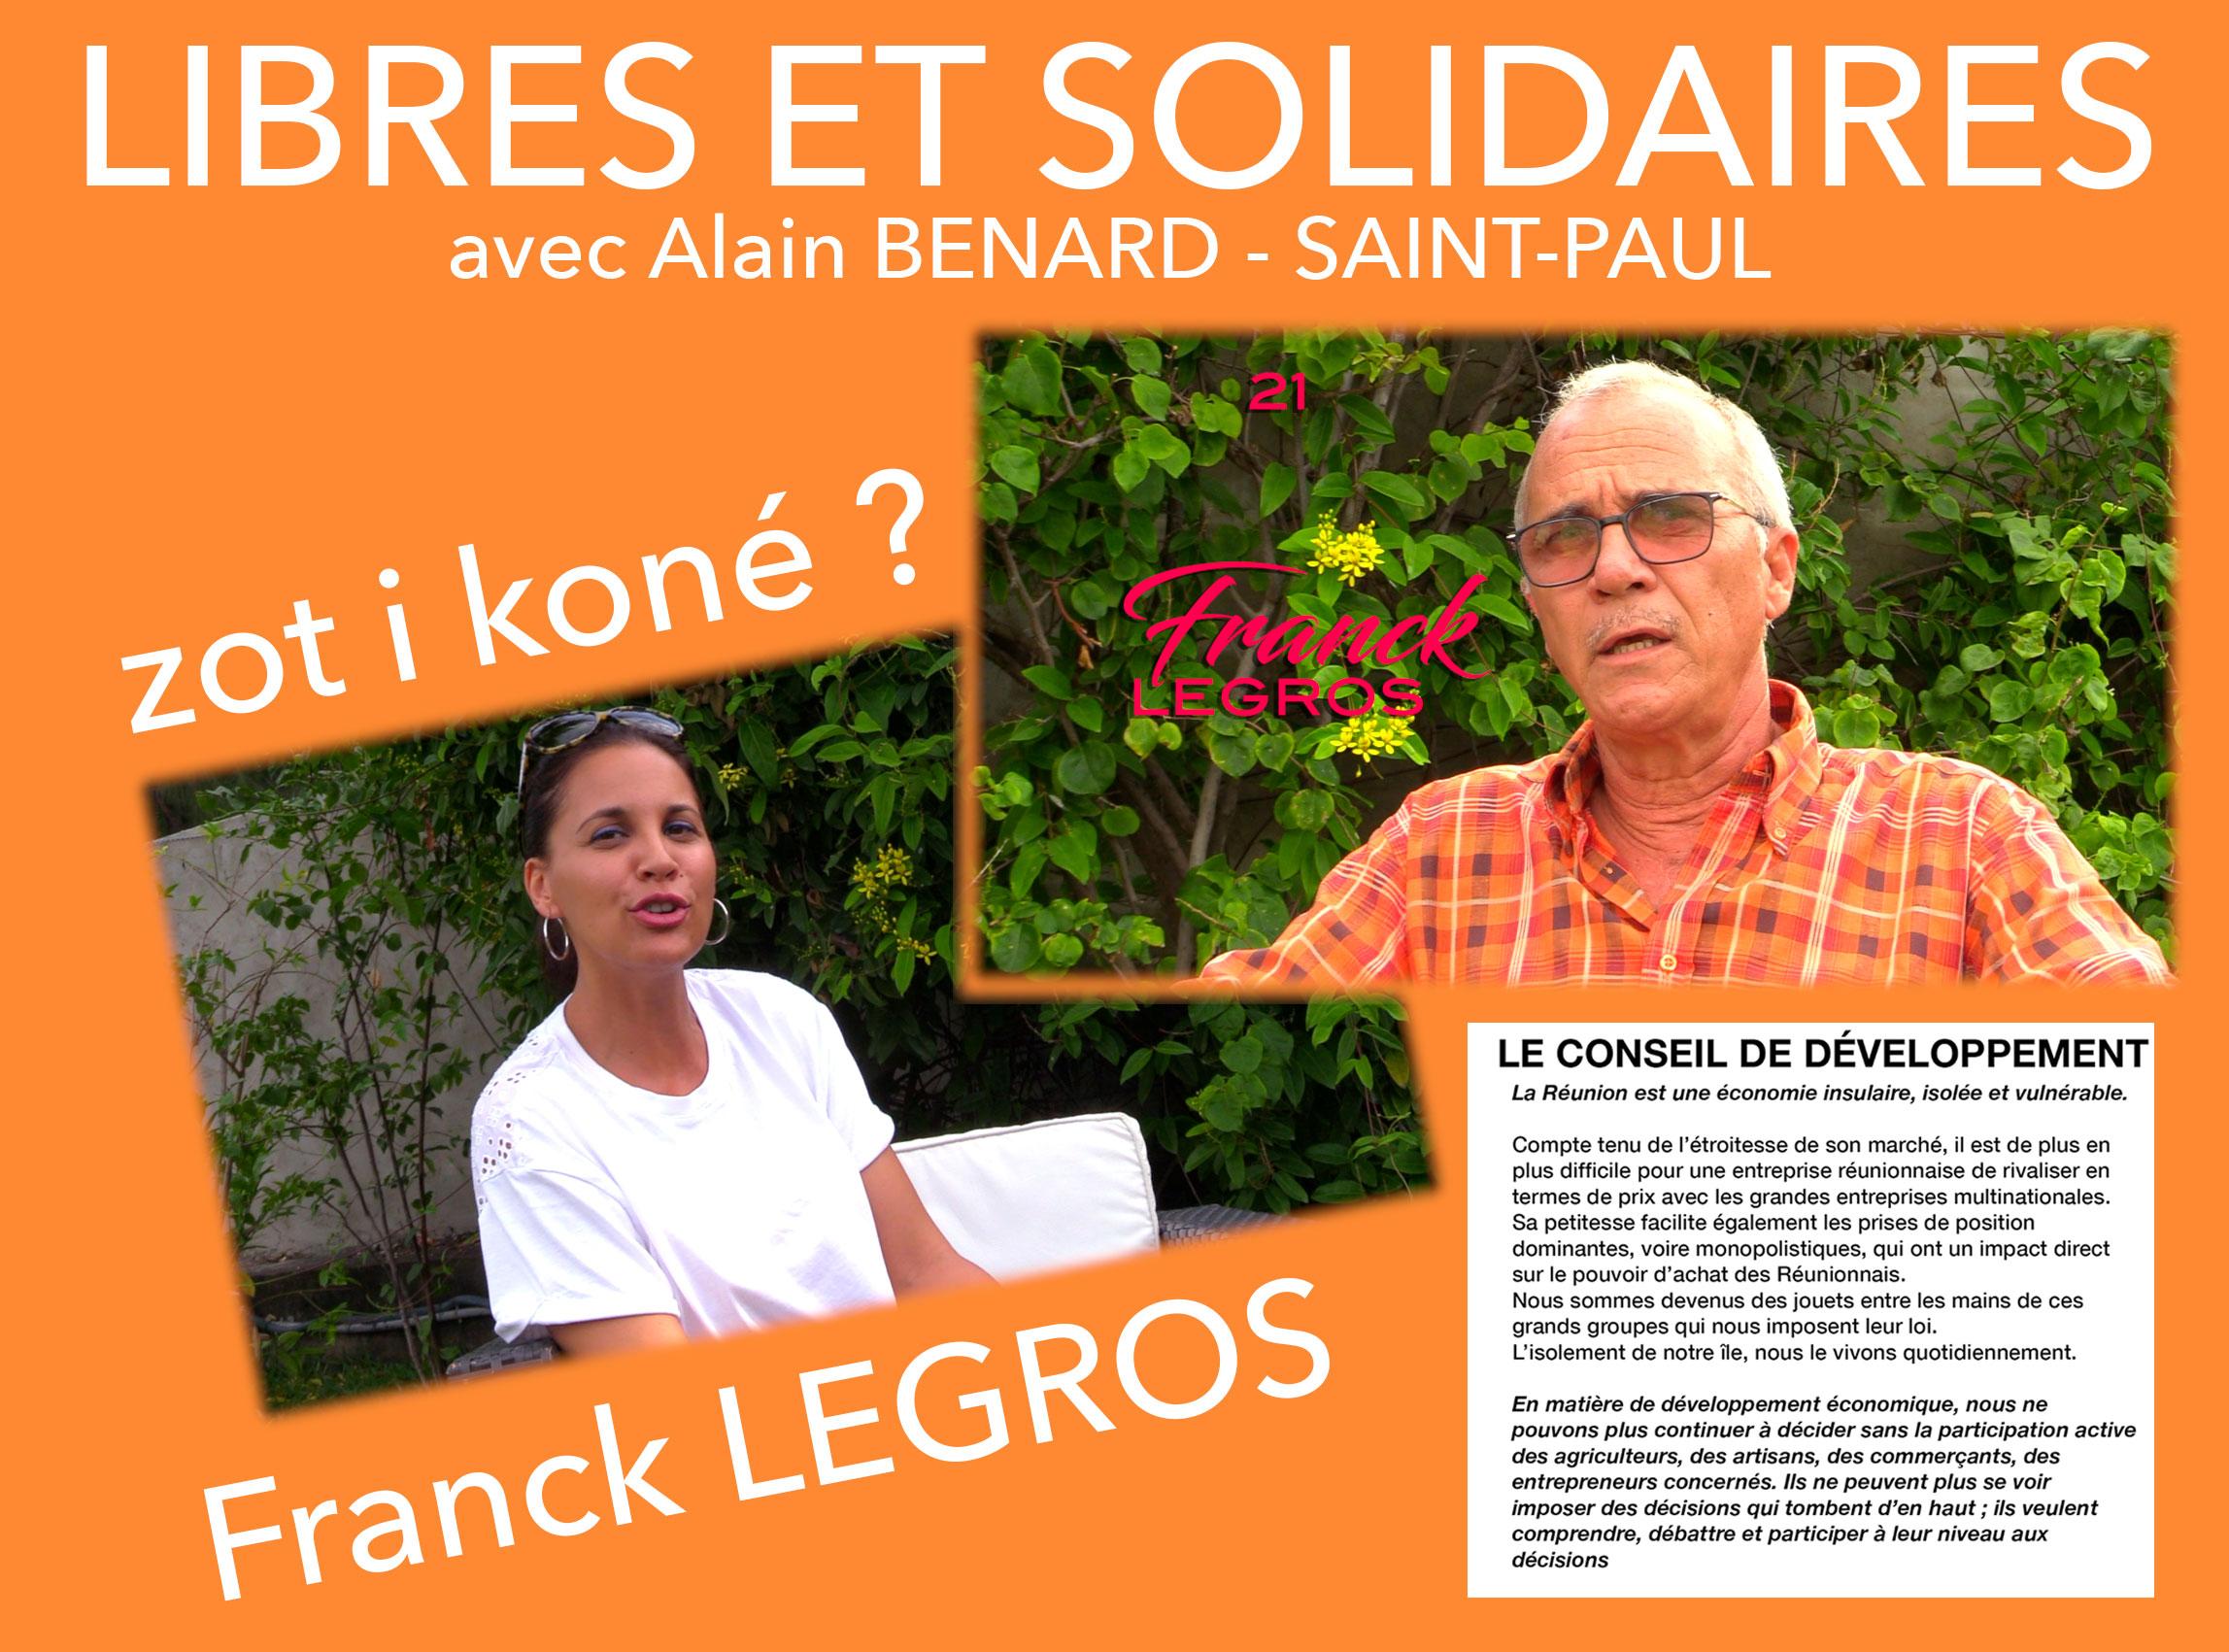 Franck LEGROS : Le pont économique